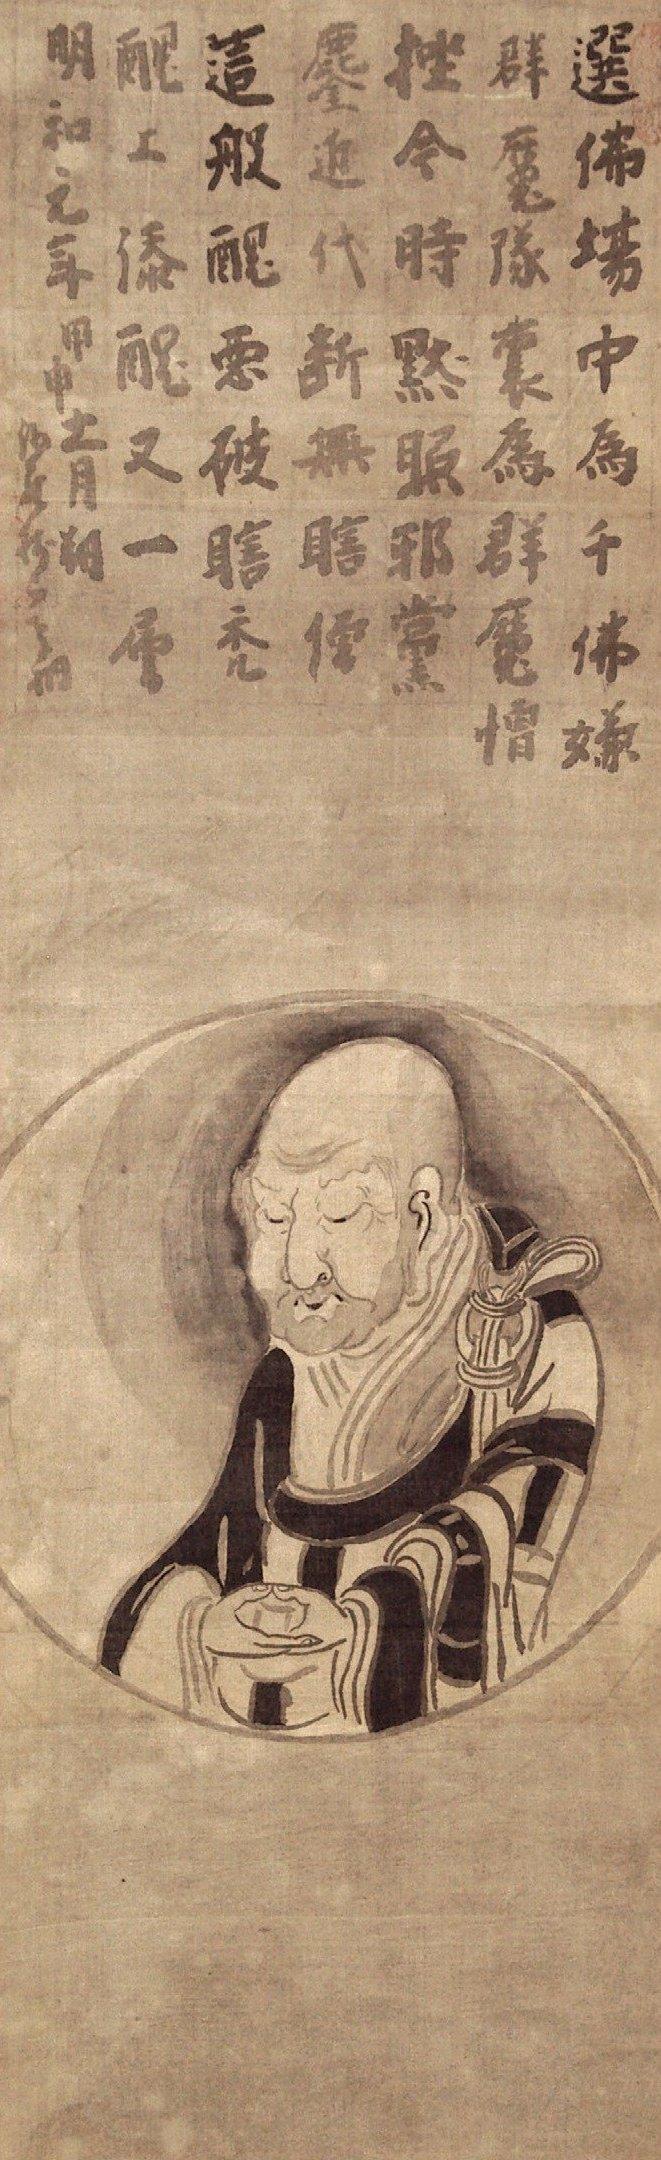 Un autoritratto di Hakuin Ekaku (1686-1769), importante riformatore della scuola Zen Rinzai (Eisei Bunko Museum, Tokyo).